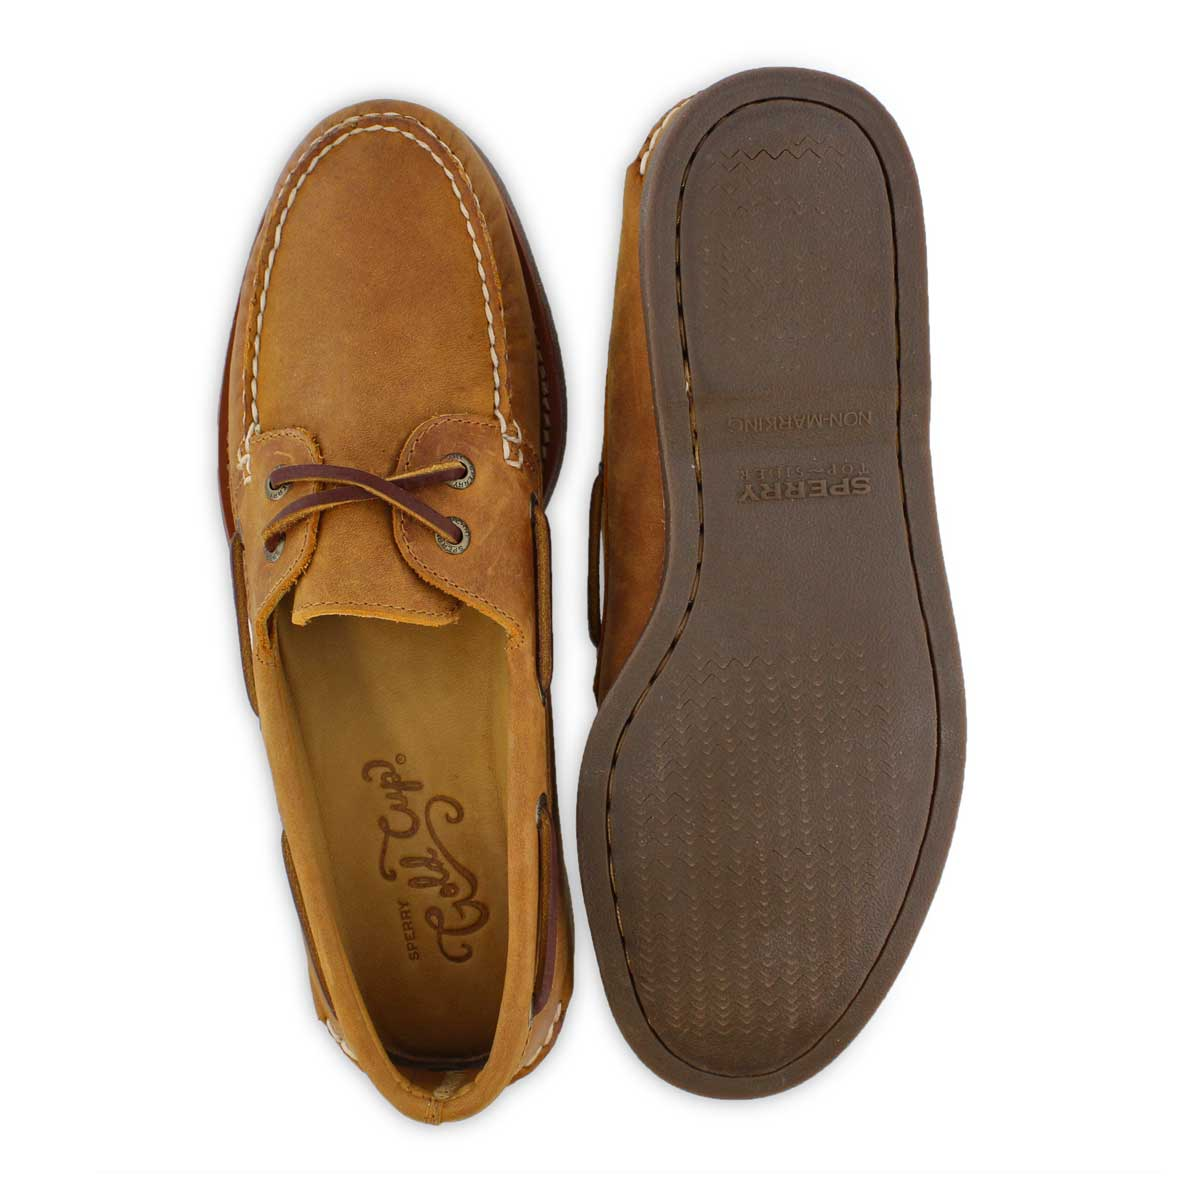 Mns Gold A/O 2-Eye tan/gum boat shoe